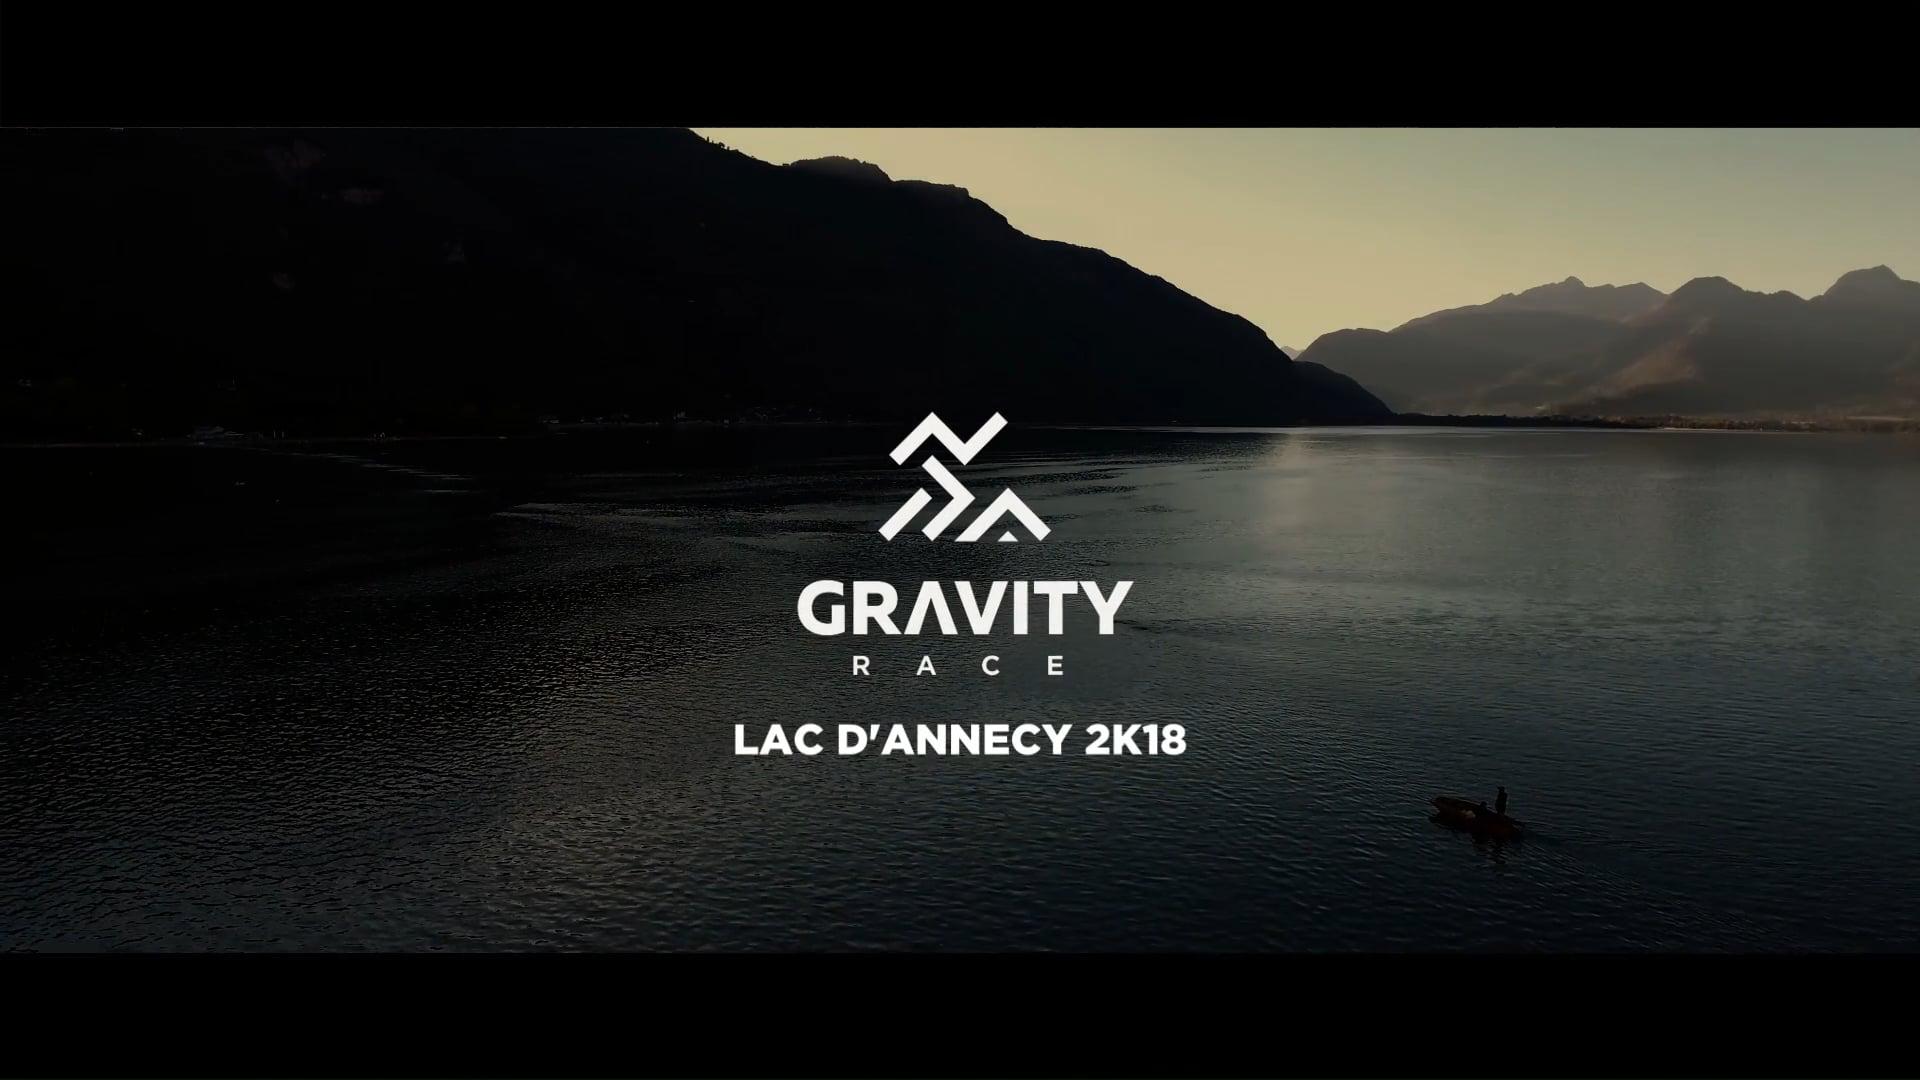 GAVITY RACE - ANNECY 2K18 (TEASER)